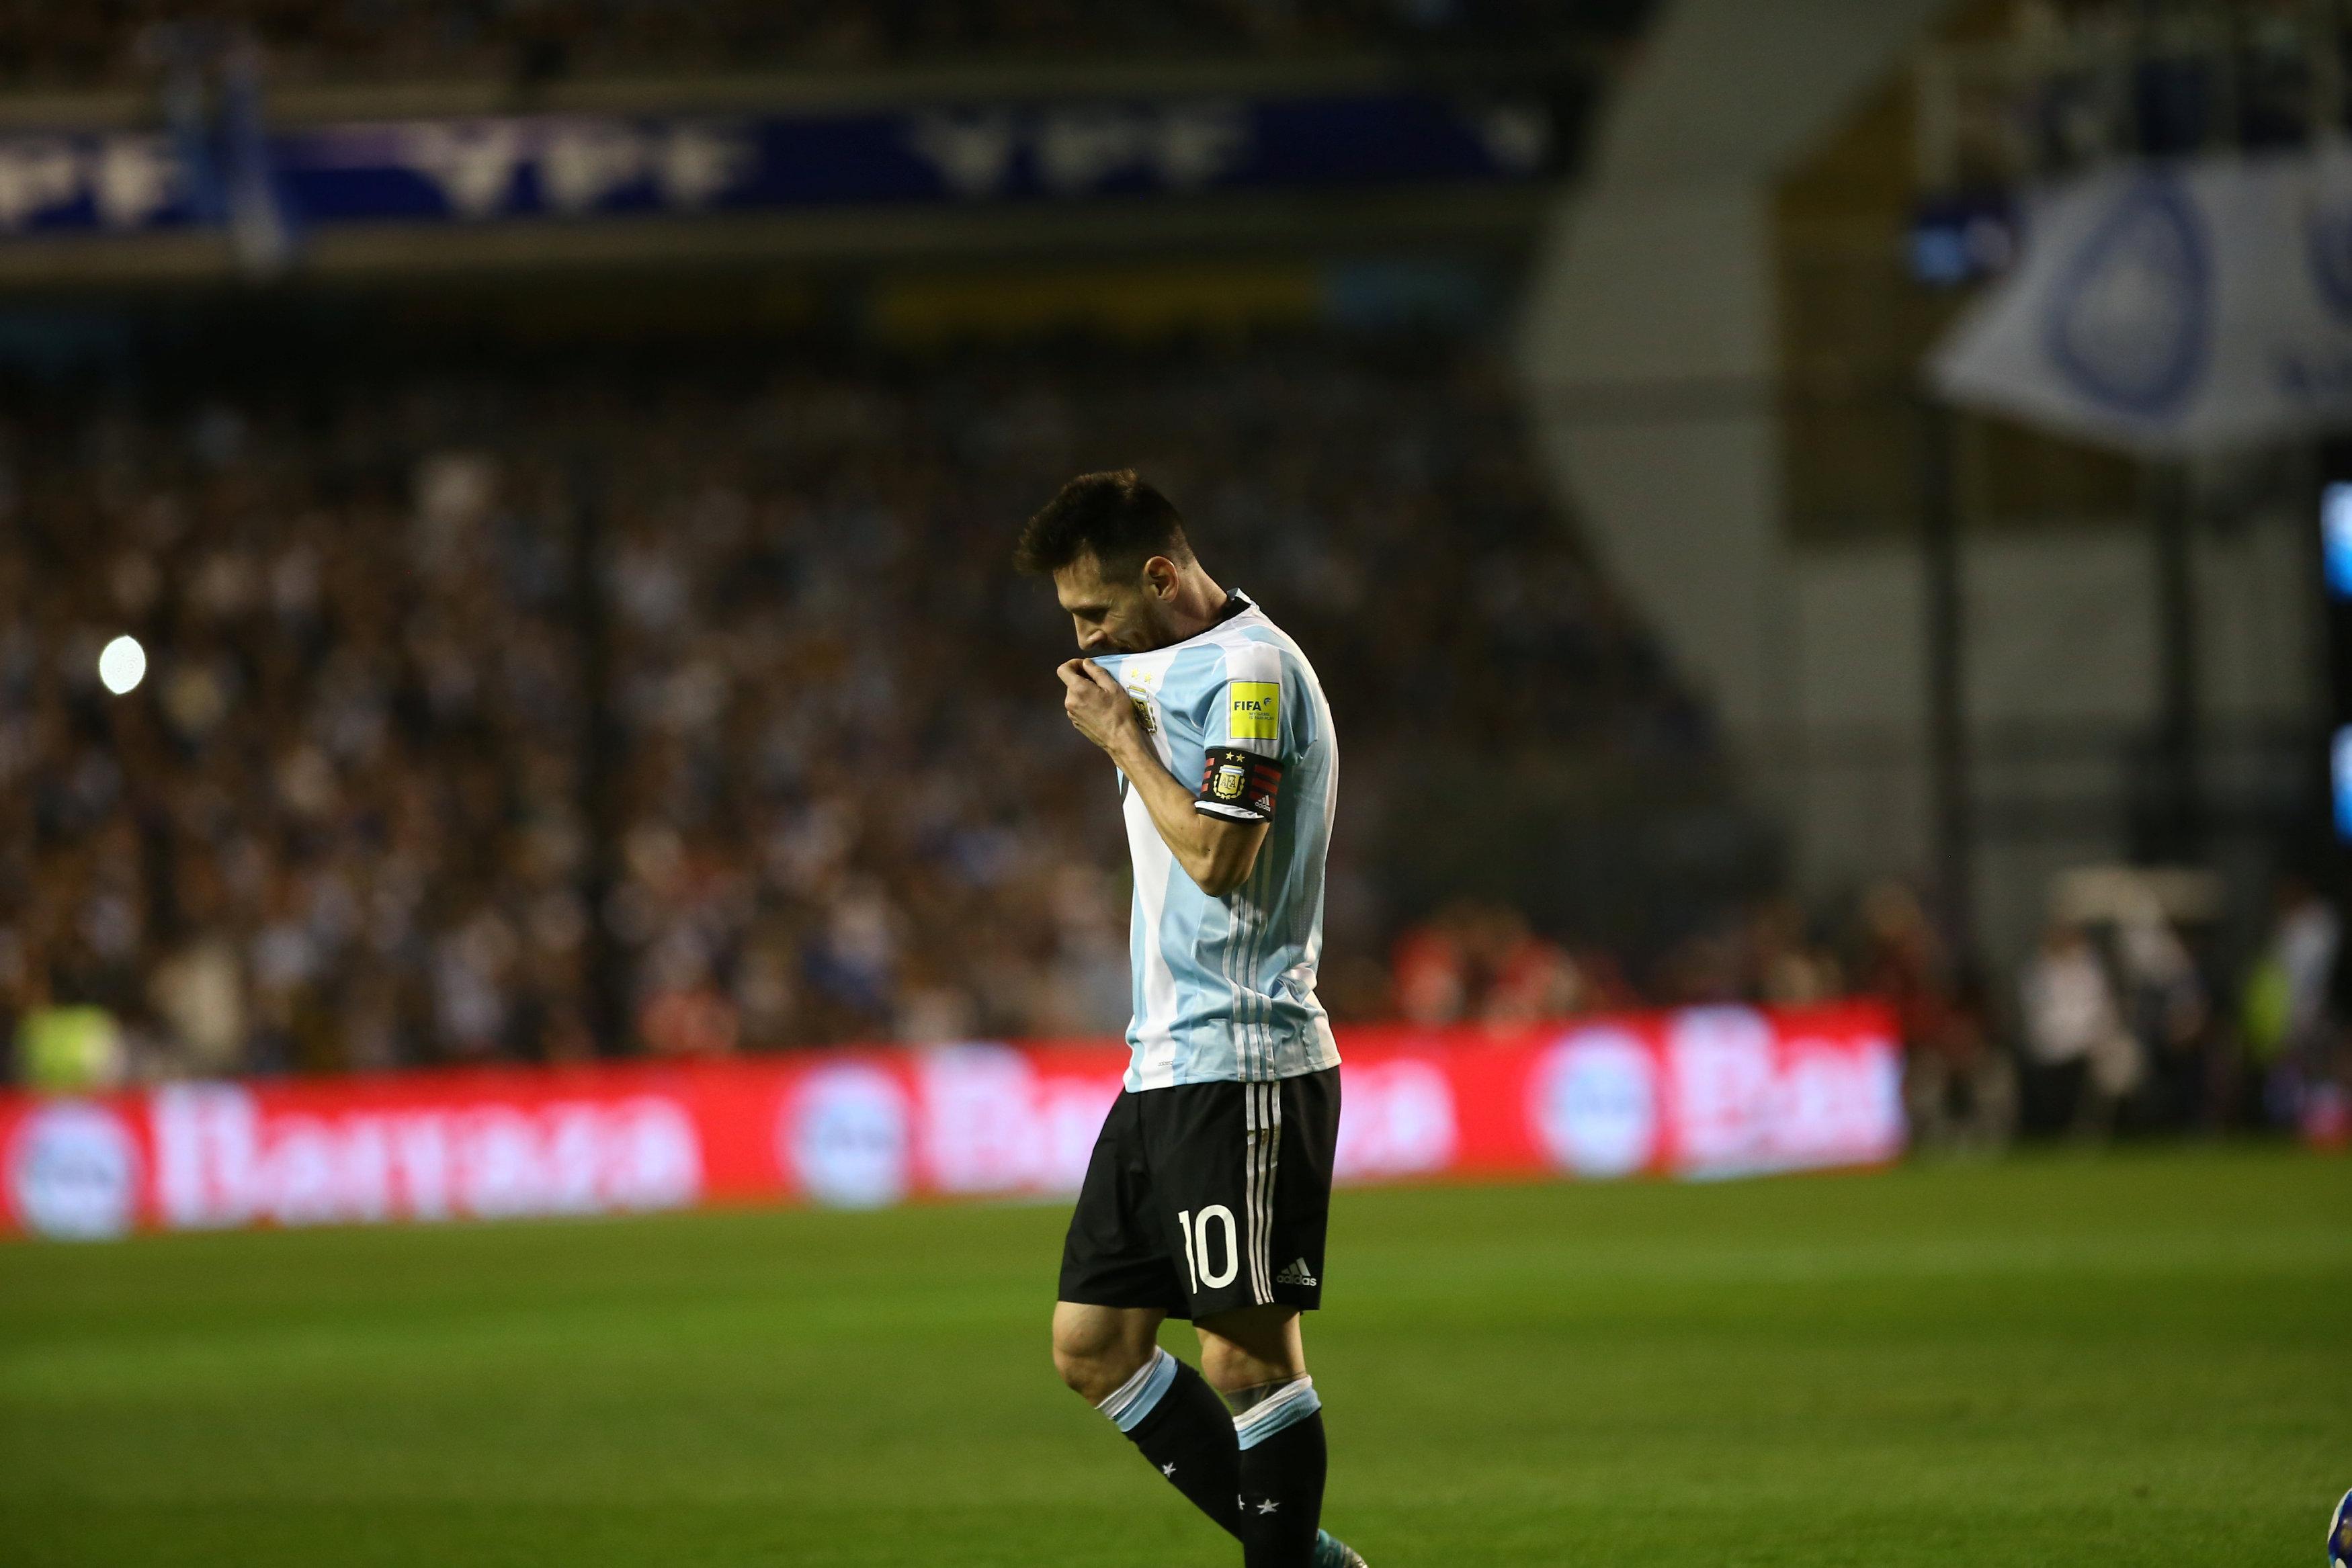 Mondial 2018 l 39 argentine au bord du gouffre le chili respire russie 2018 coupe du monde - Coupe du monde 2018 football ...